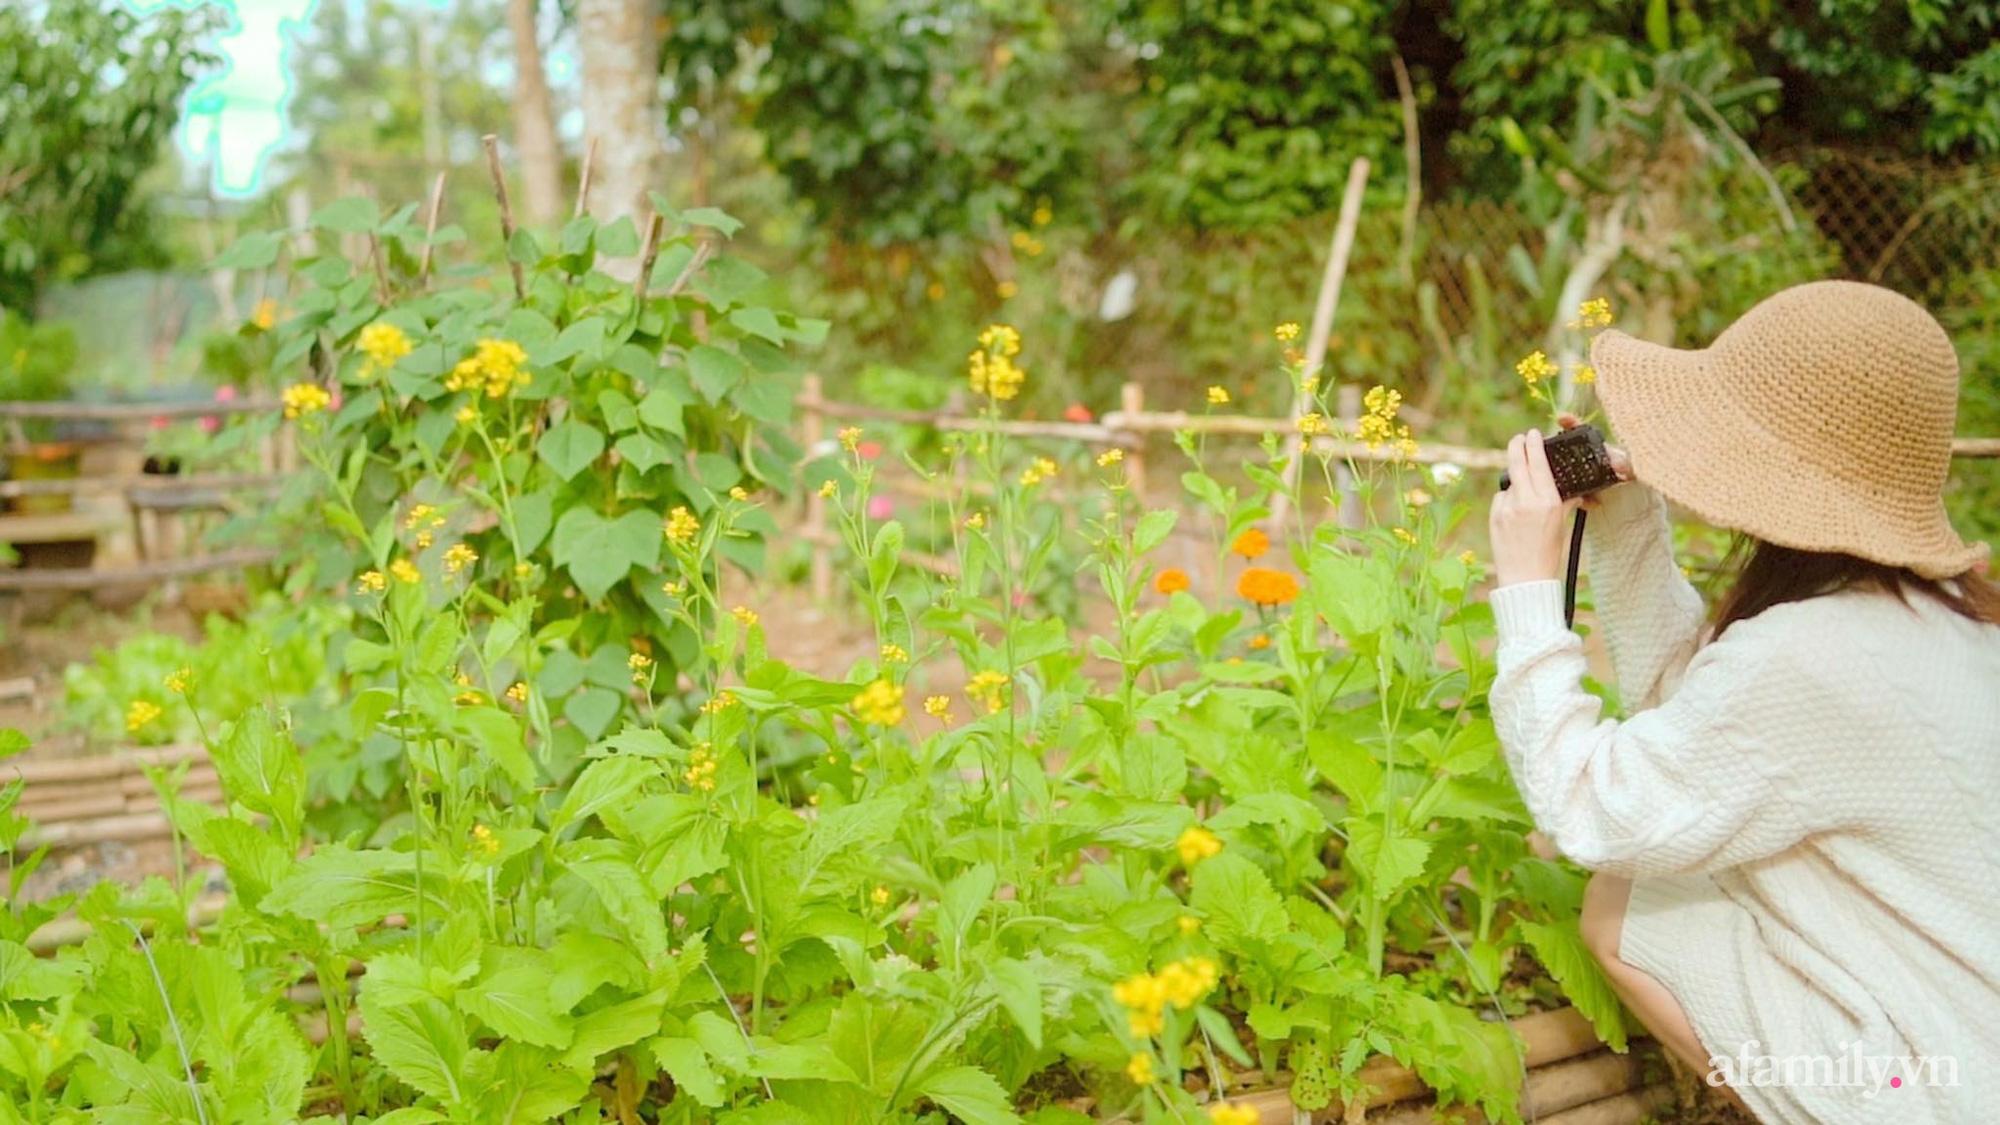 Chán cuộc sống bon chen ở phố, cặp vợ chồng 9X có thu nhập ổn định quyết định chọn về quê sống bình yên bên vườn tược ở Đắk Lắk - Ảnh 2.